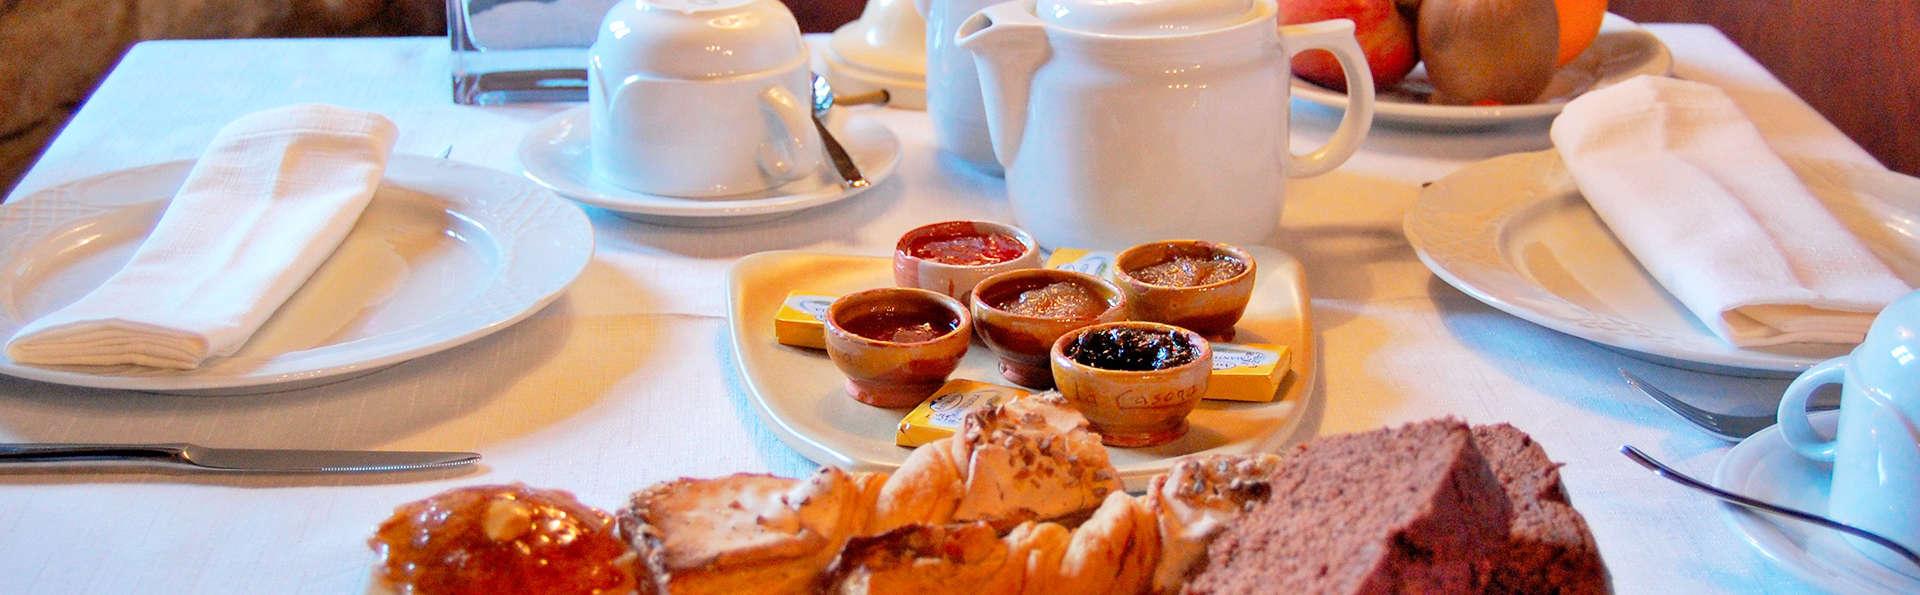 La Casona de Tresgrandas - EDIT_breakfast.jpg